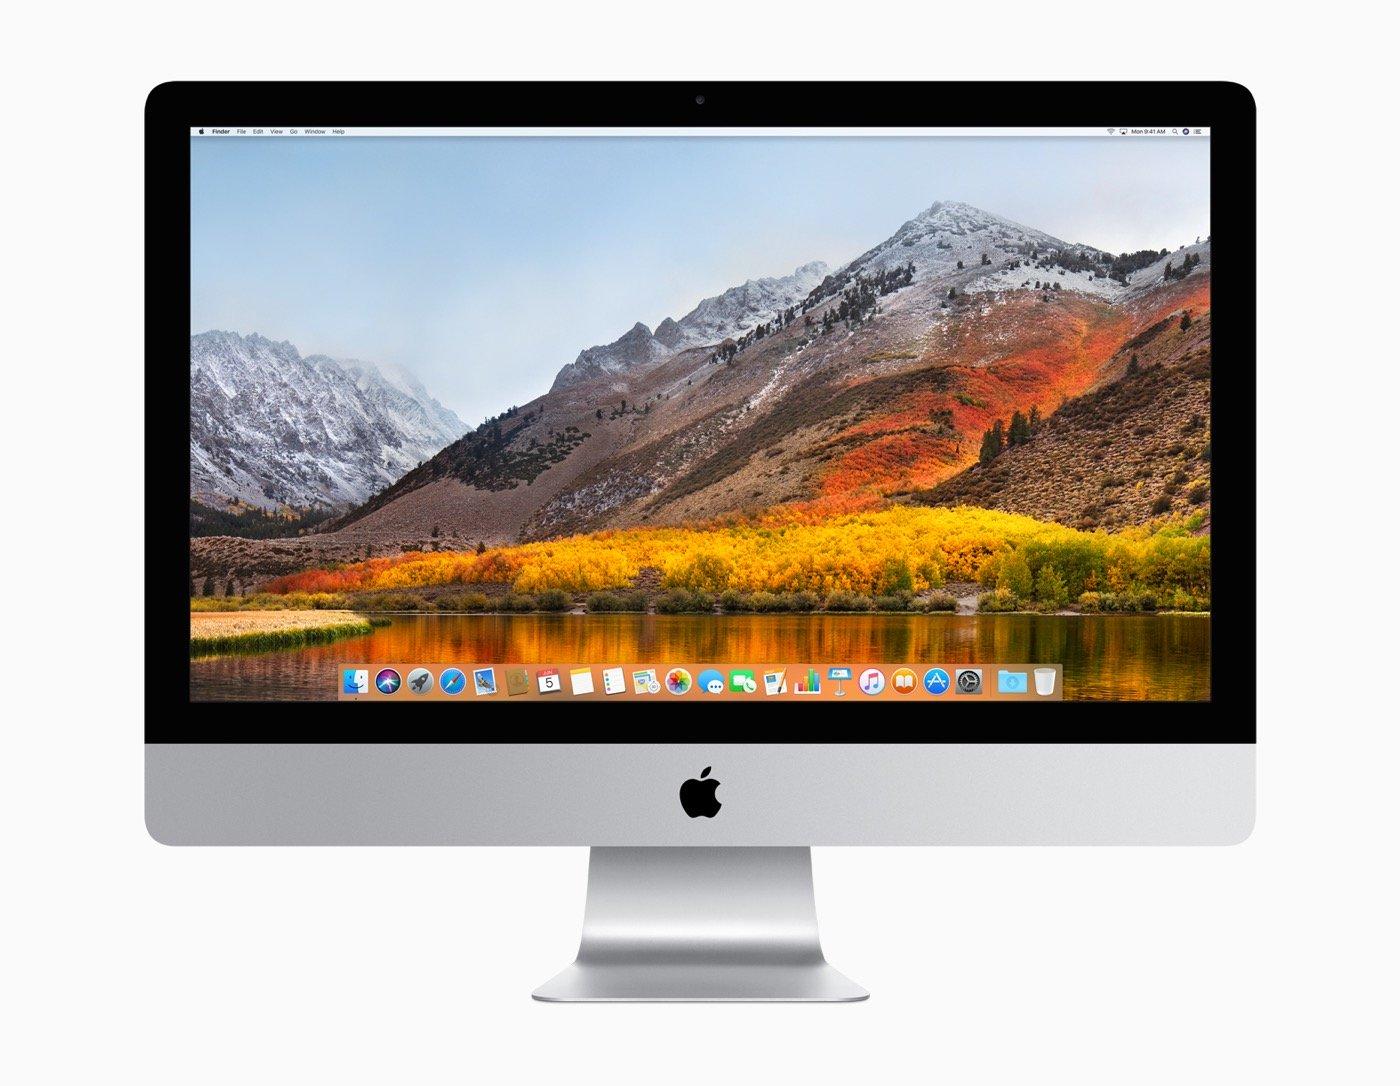 macx.jpg